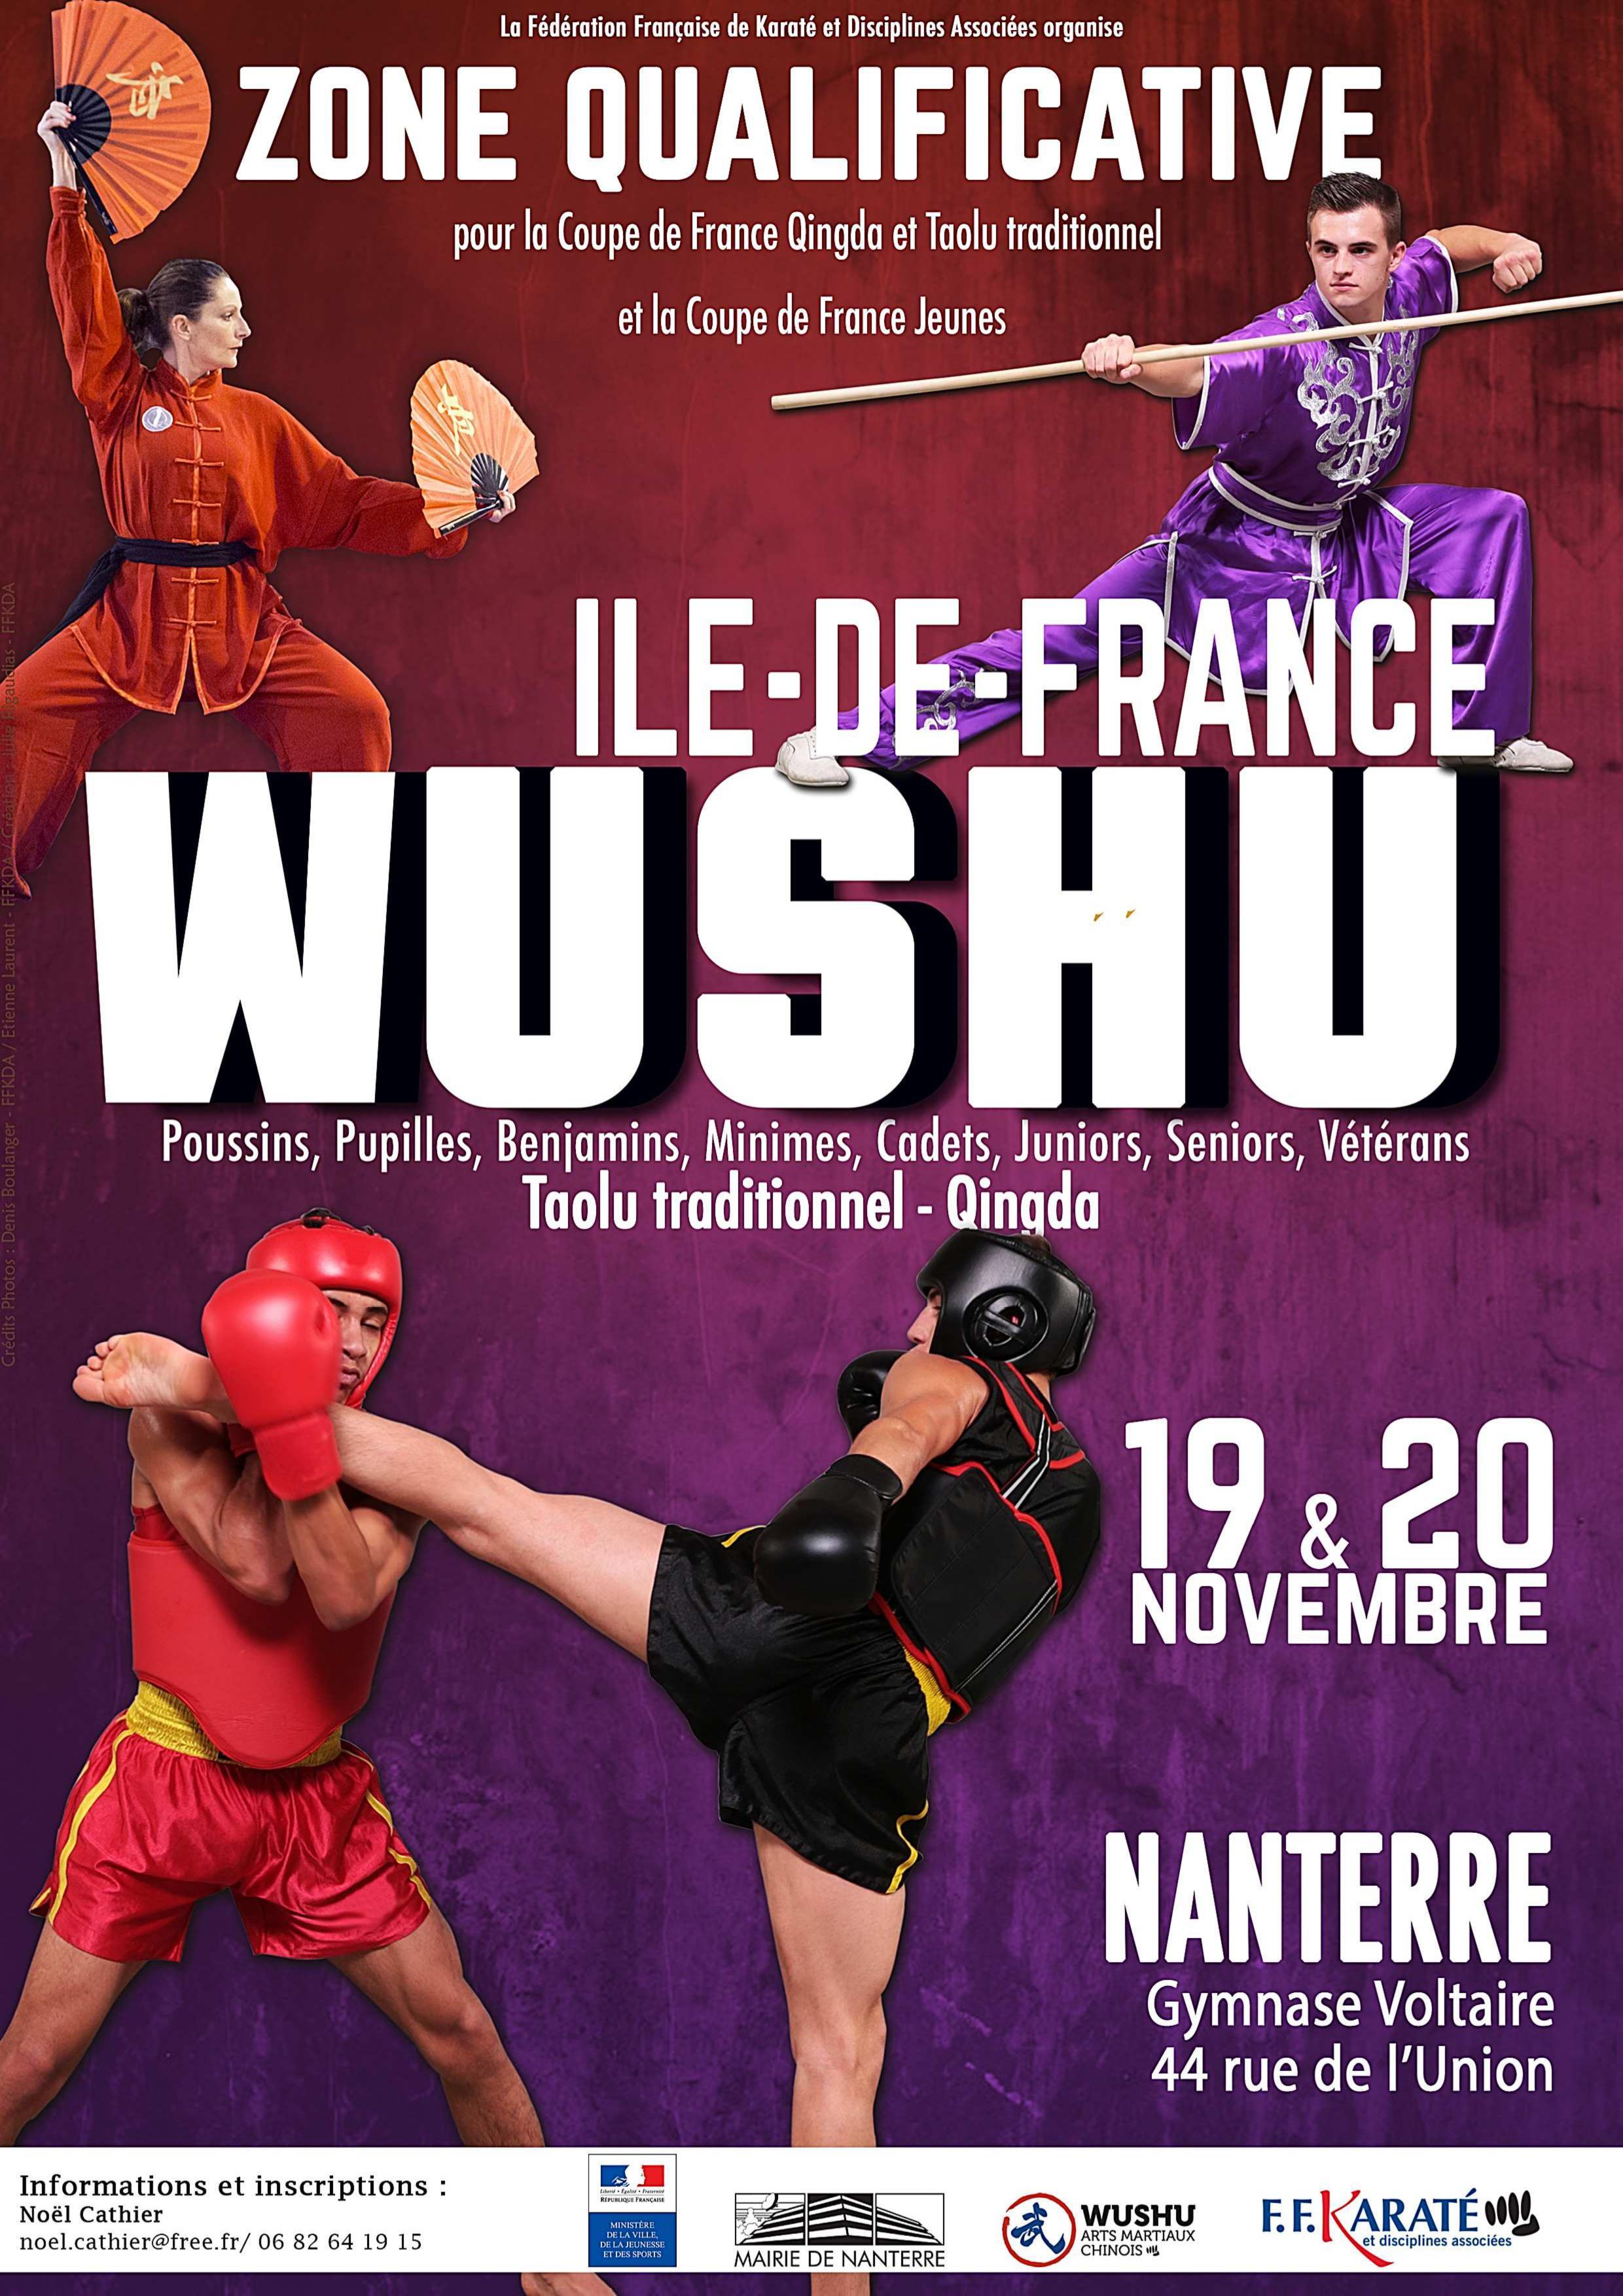 Compétition de Wushu Ile-de-France, les 19 et 20 novembre à Nanterre !